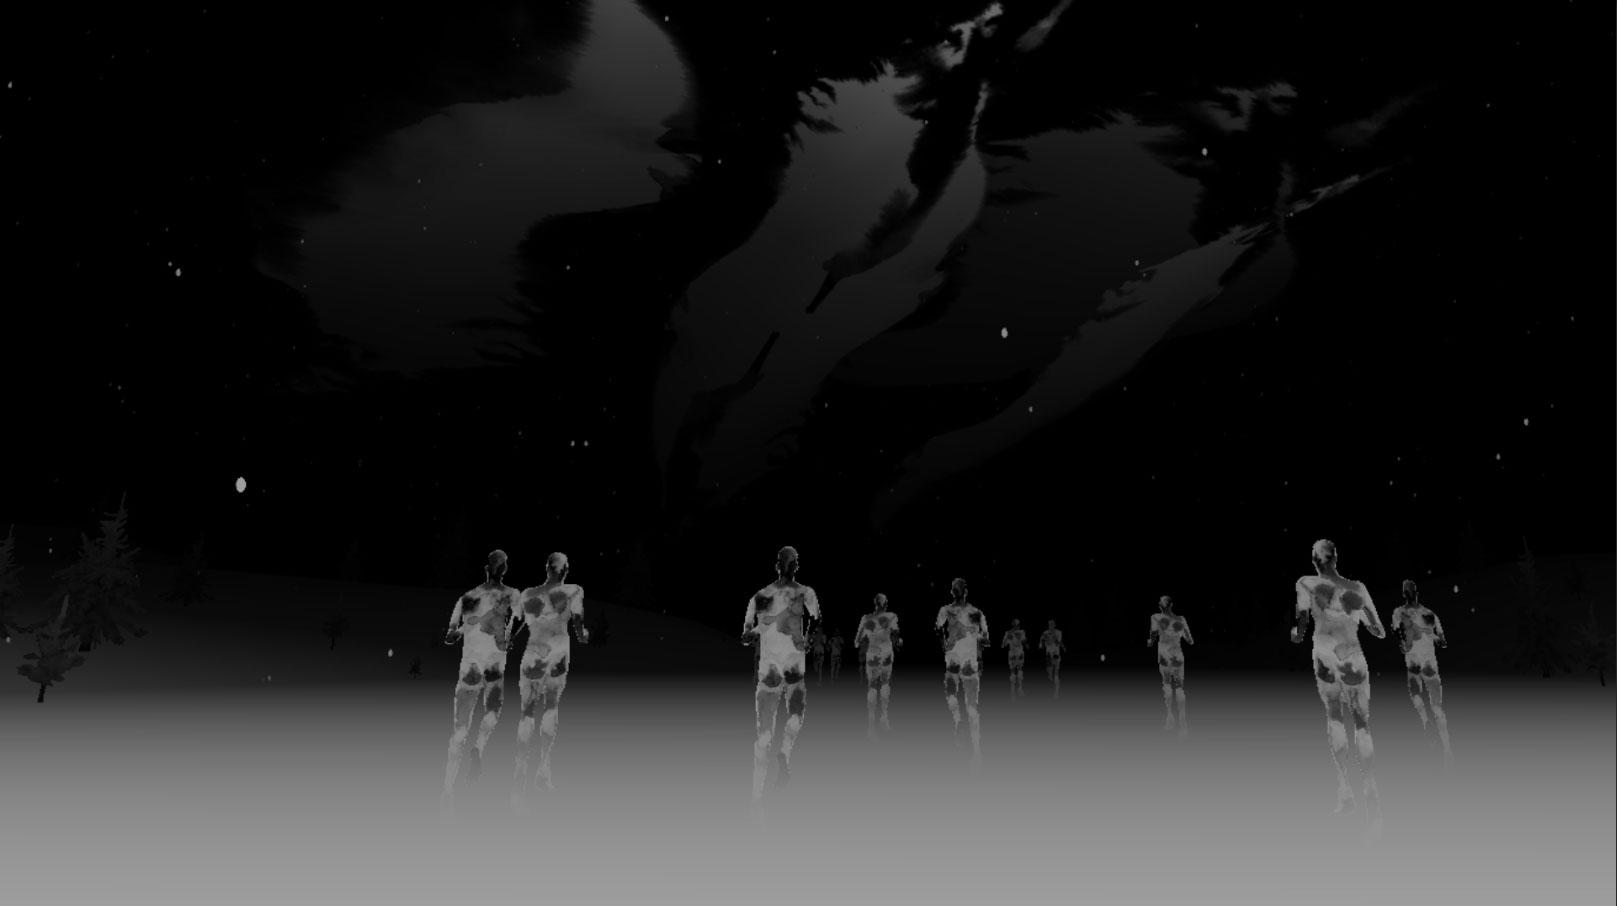 Микита Шаленний: Завдання віртуальної реальності - створювати інший вимір. 5